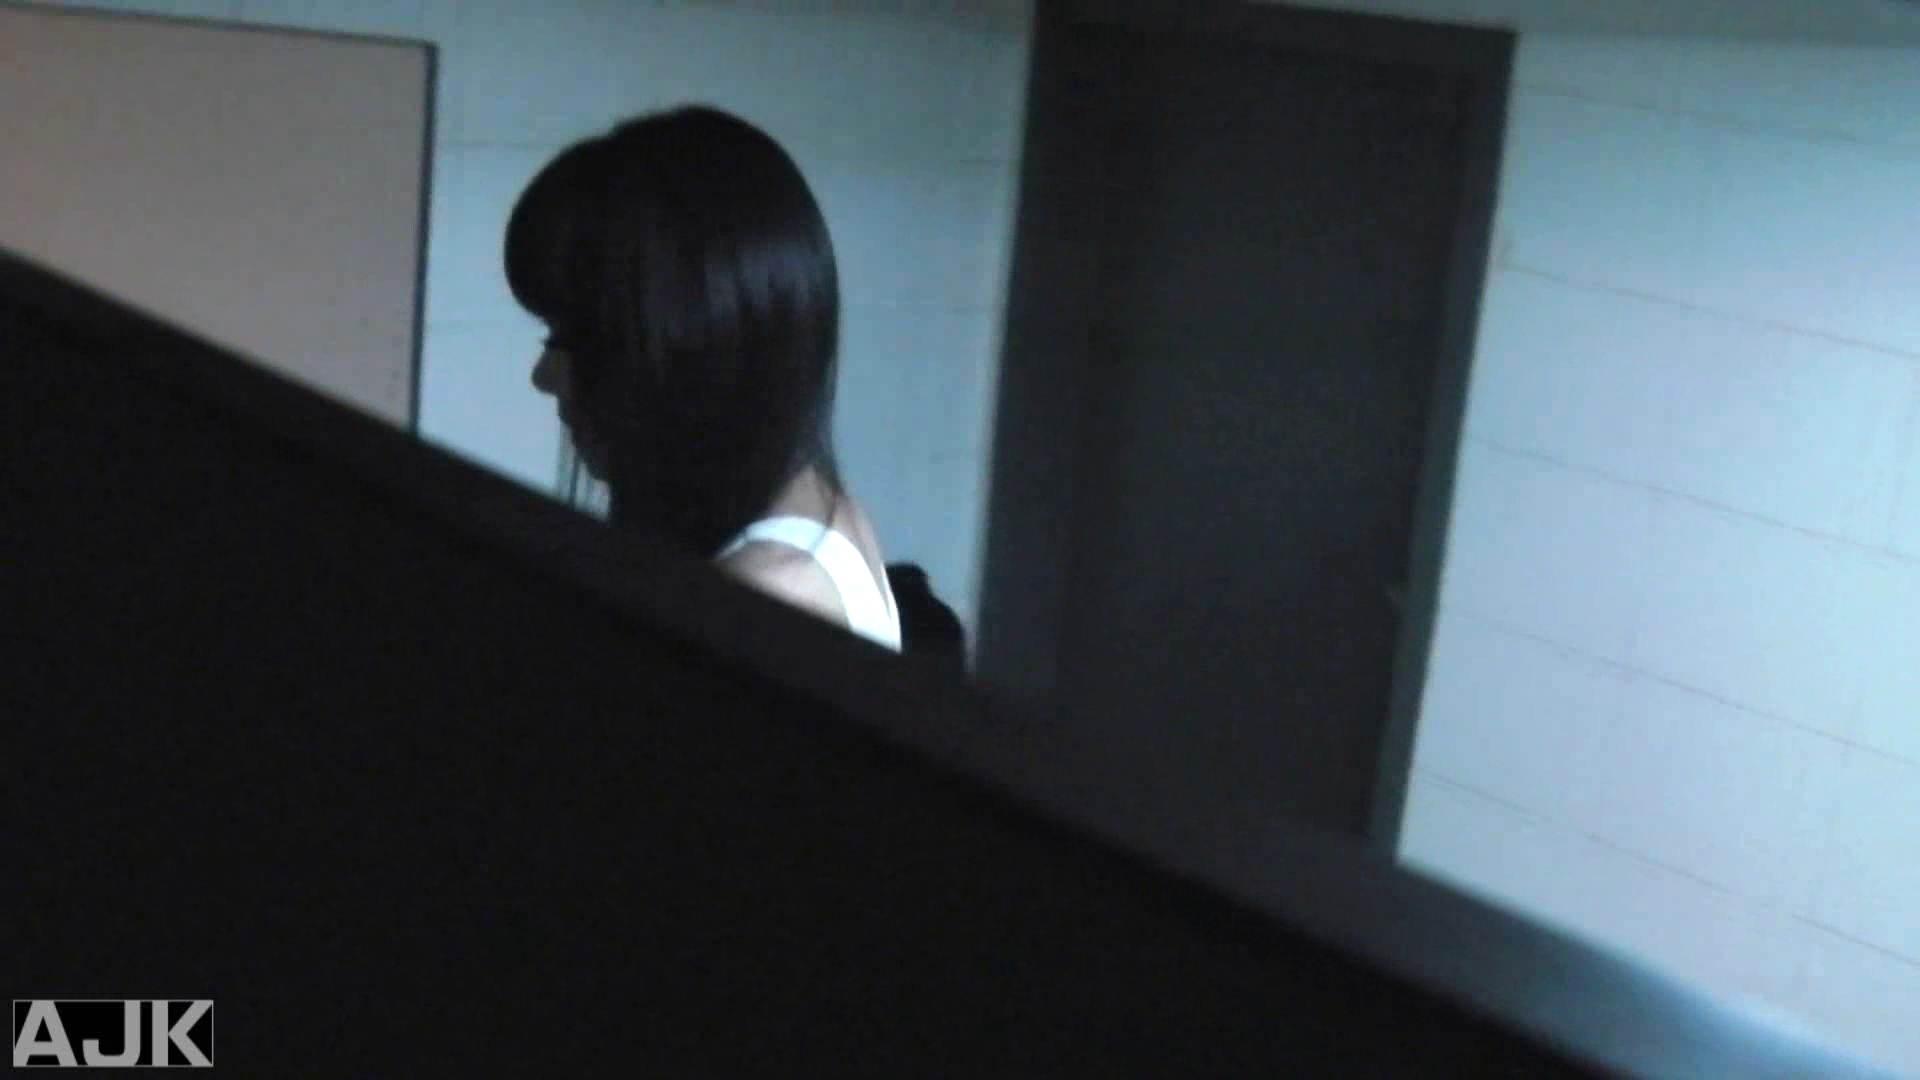 隣国上階級エリアの令嬢たちが集うデパートお手洗い Vol.25 美女 オメコ動画キャプチャ 65画像 48